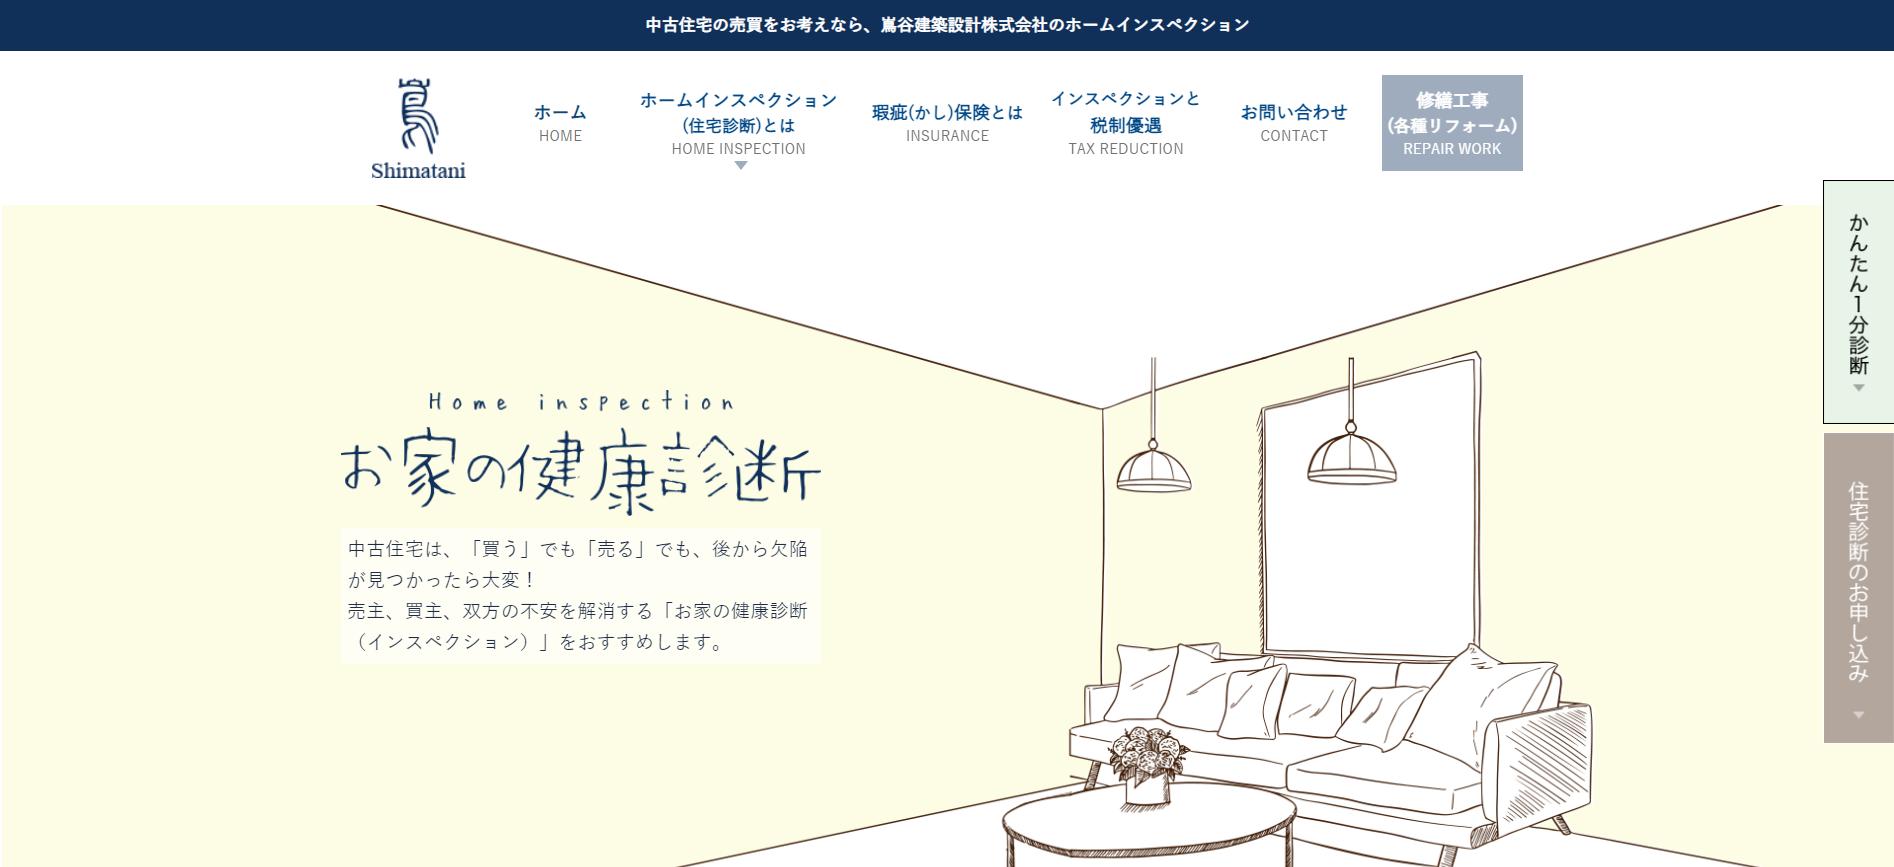 嶌谷建築設計株式会社